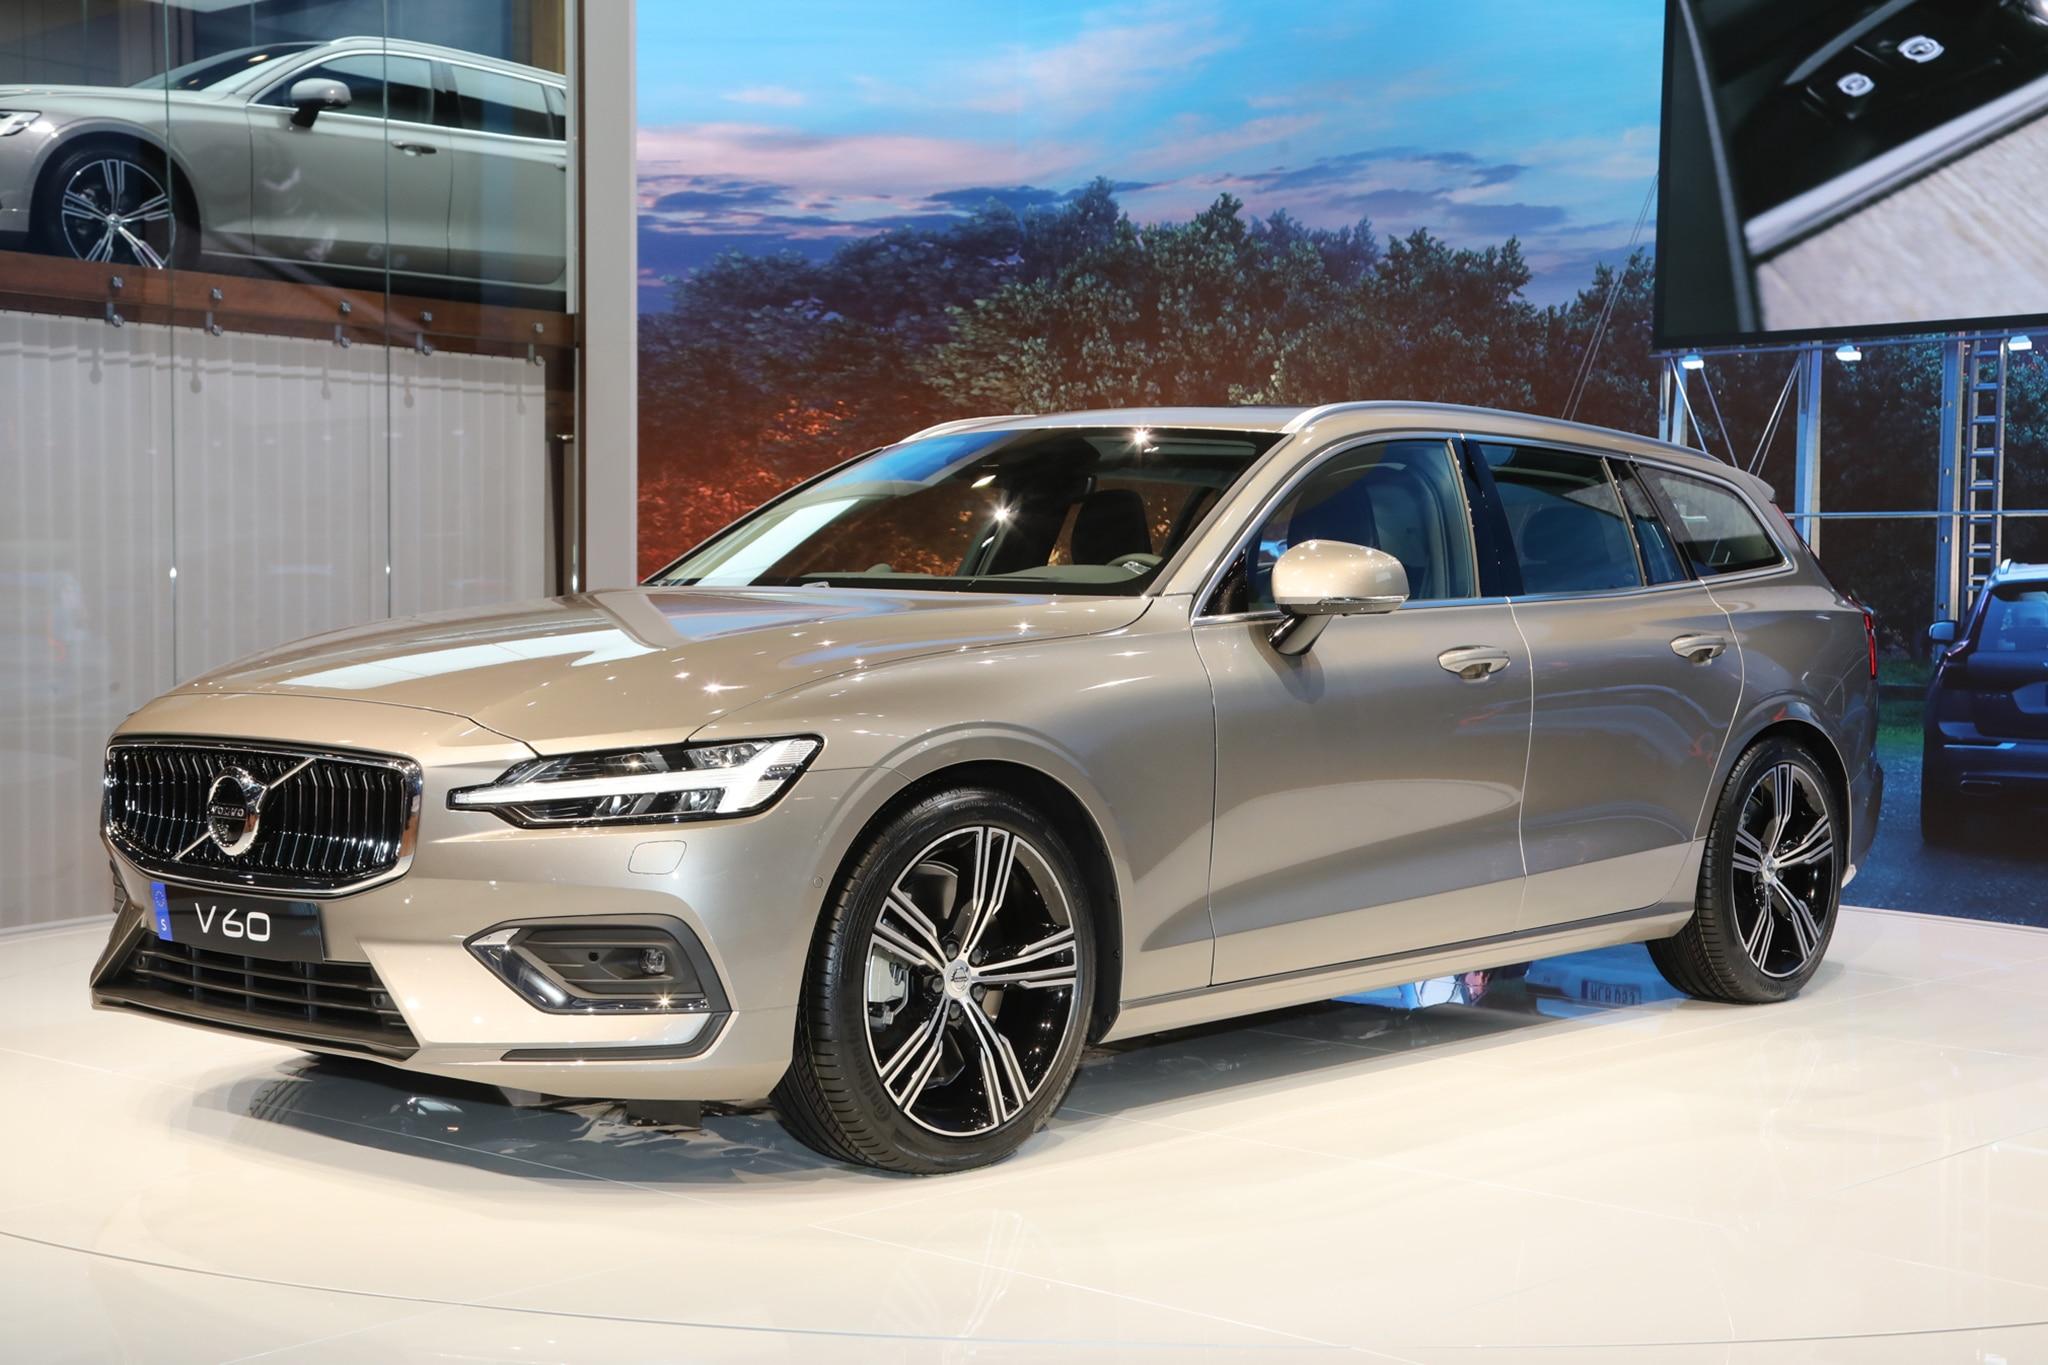 2019 Volvo V60 14